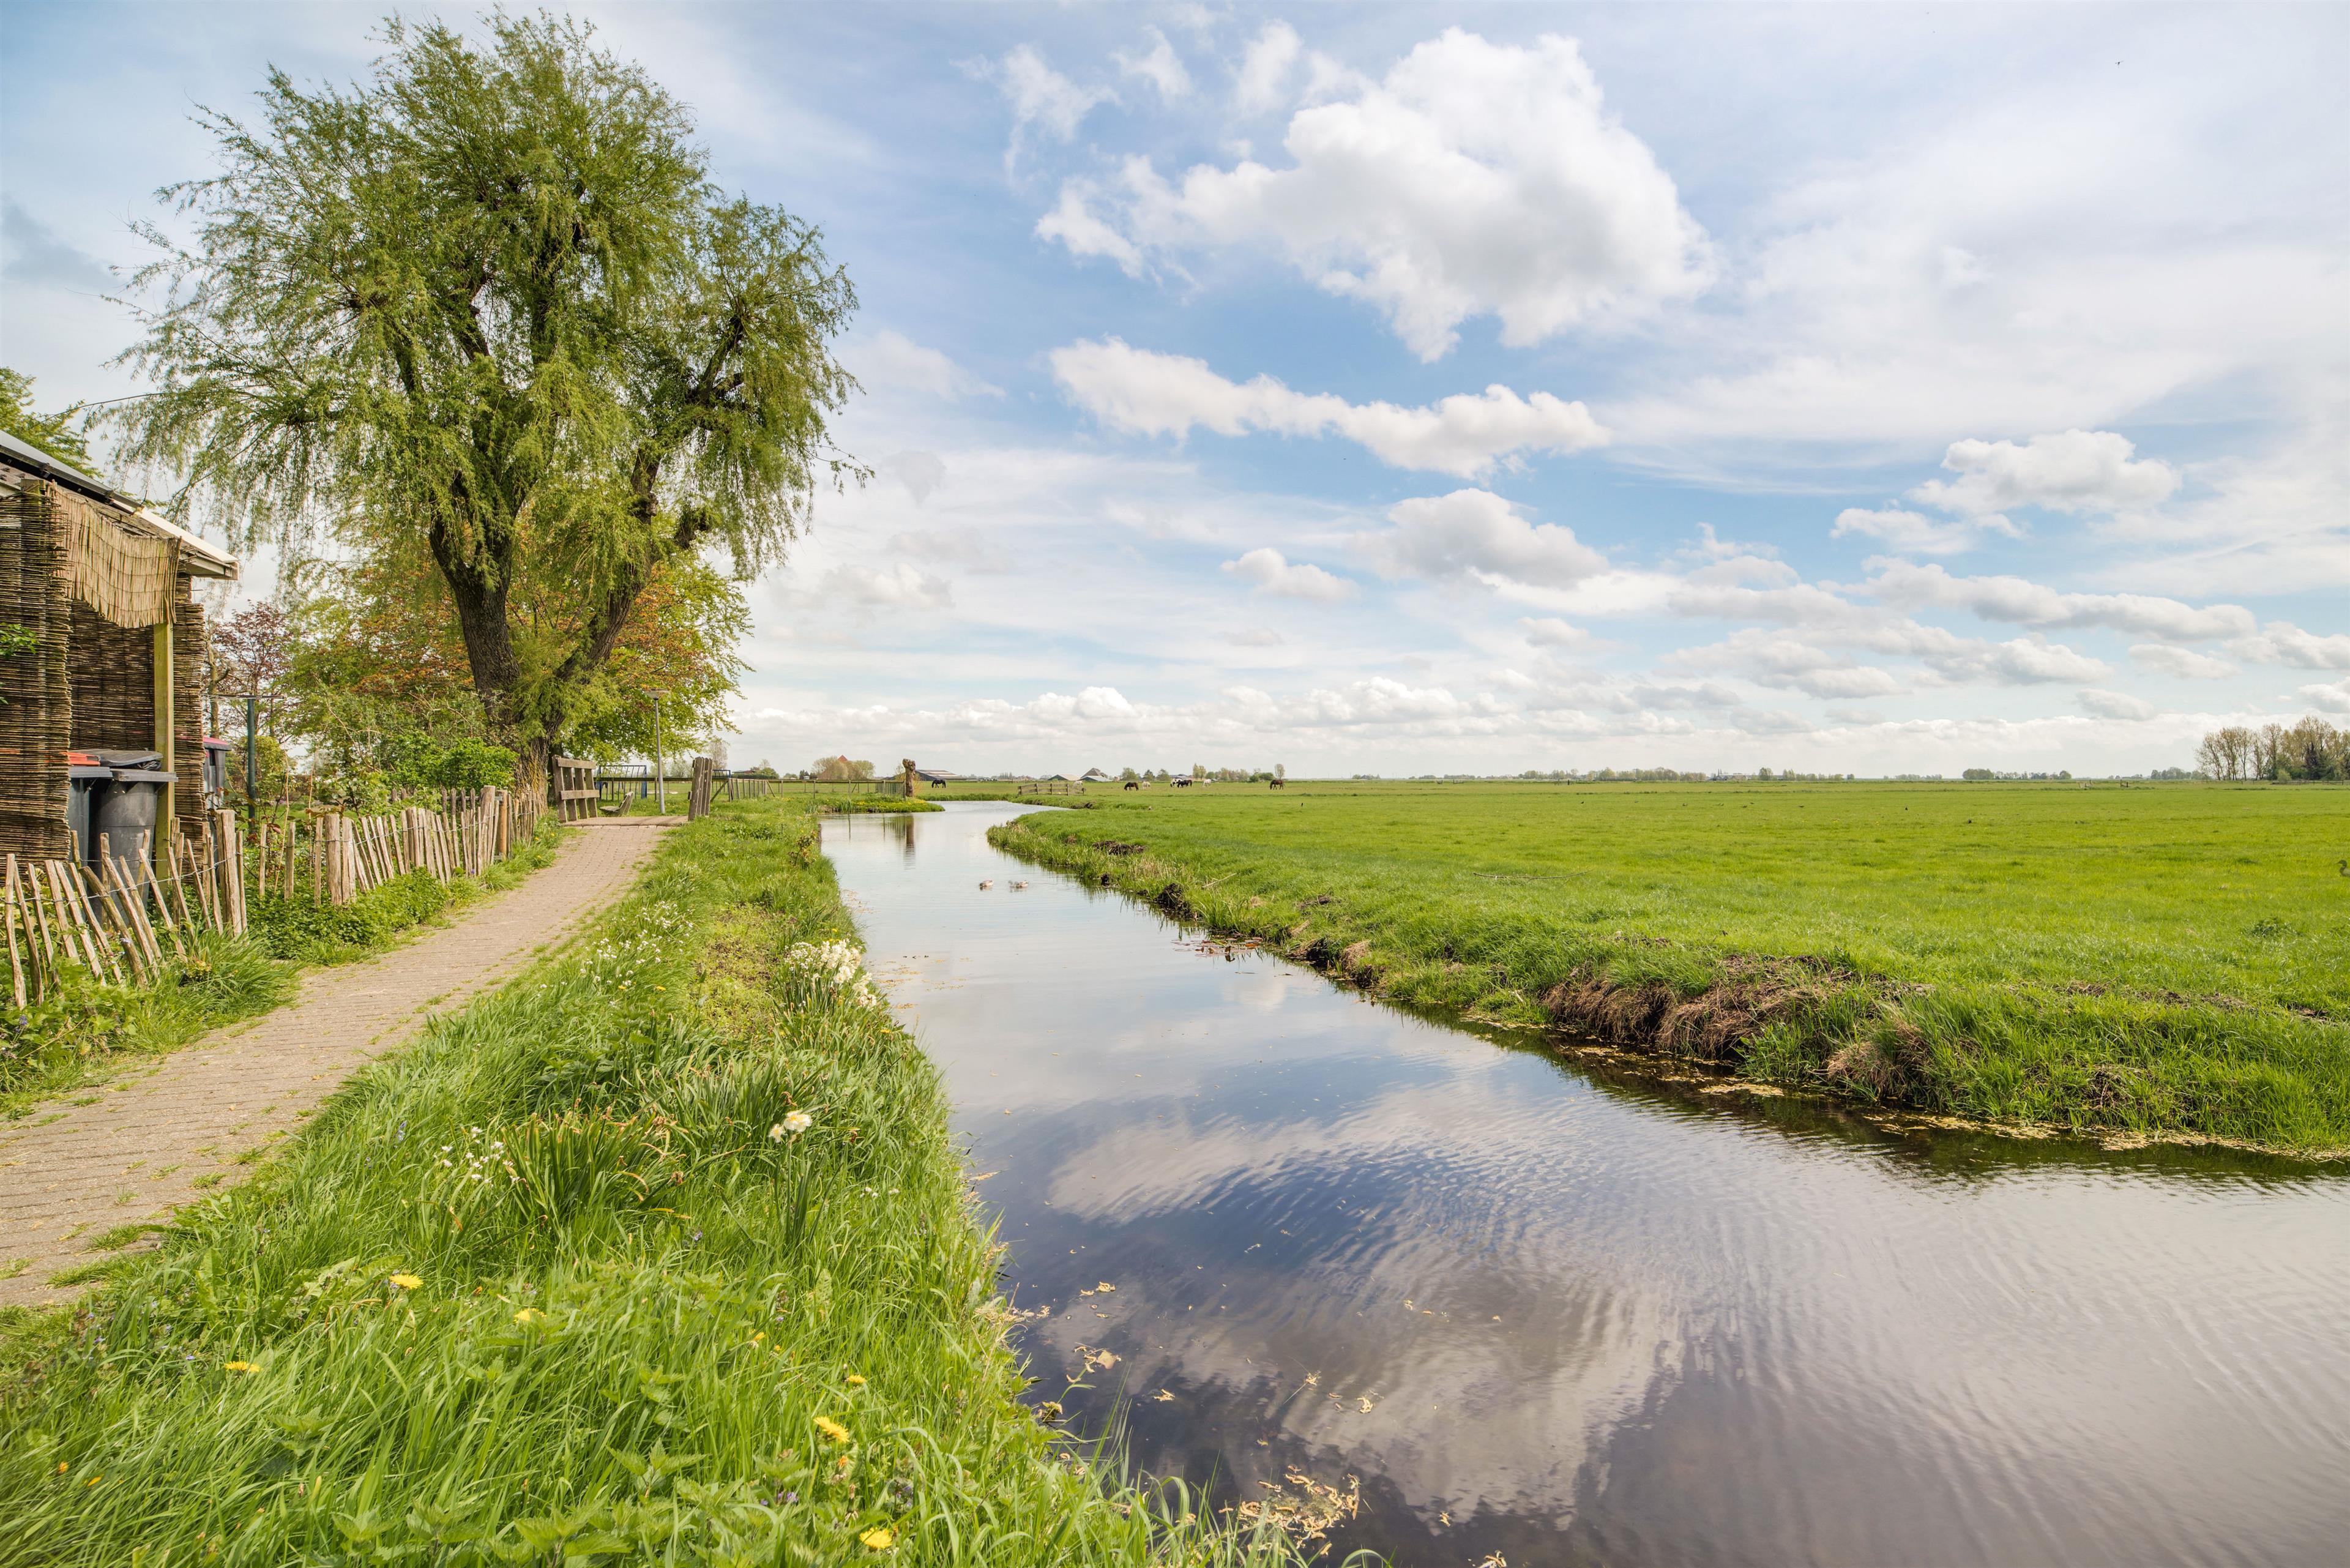 Te koop: Hage Weer 8, Broek in Waterland - Hoekstra en van Eck ...